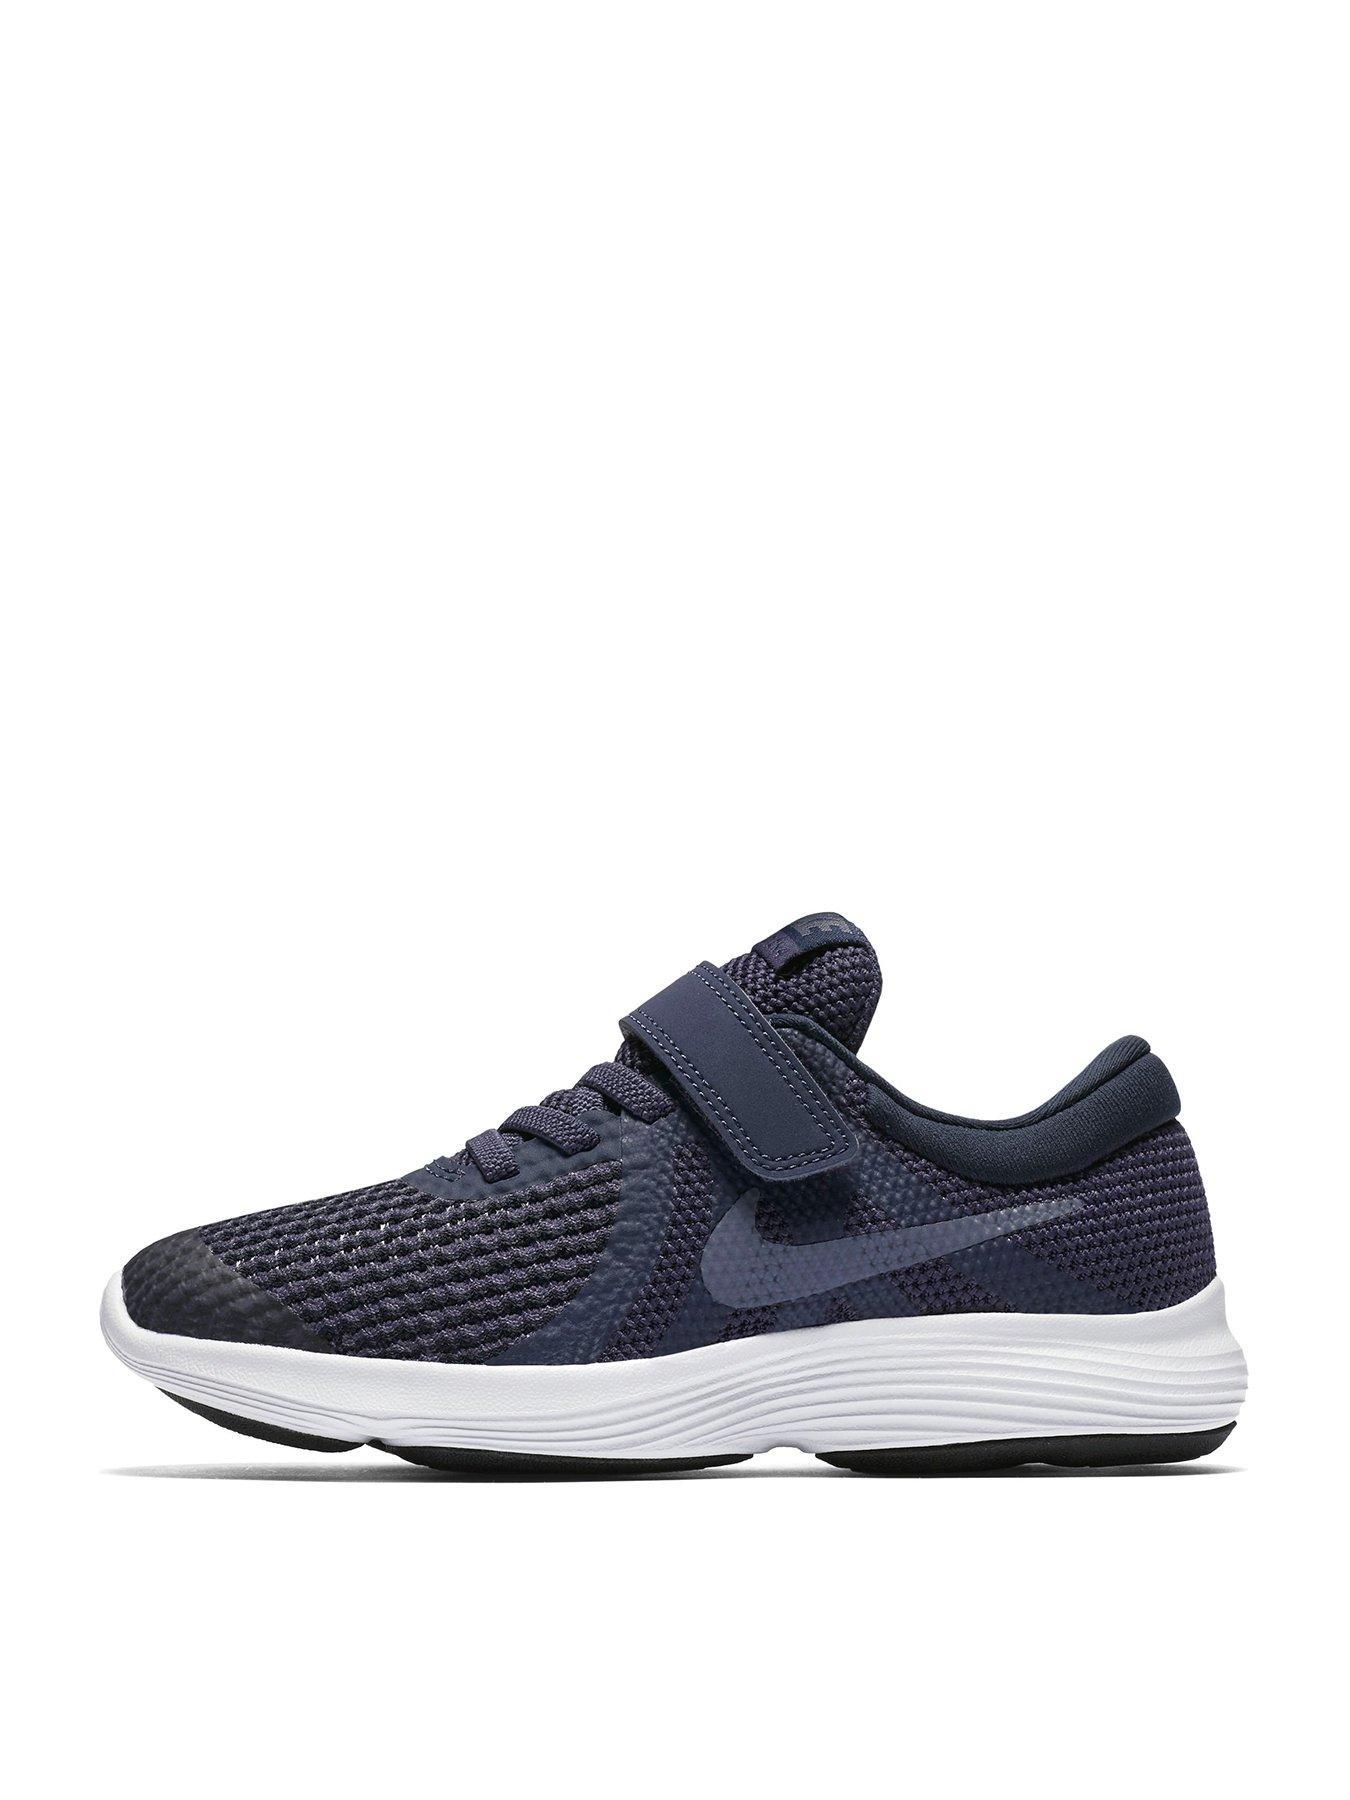 dark blue nike revolution 4 shoes for cheap billig